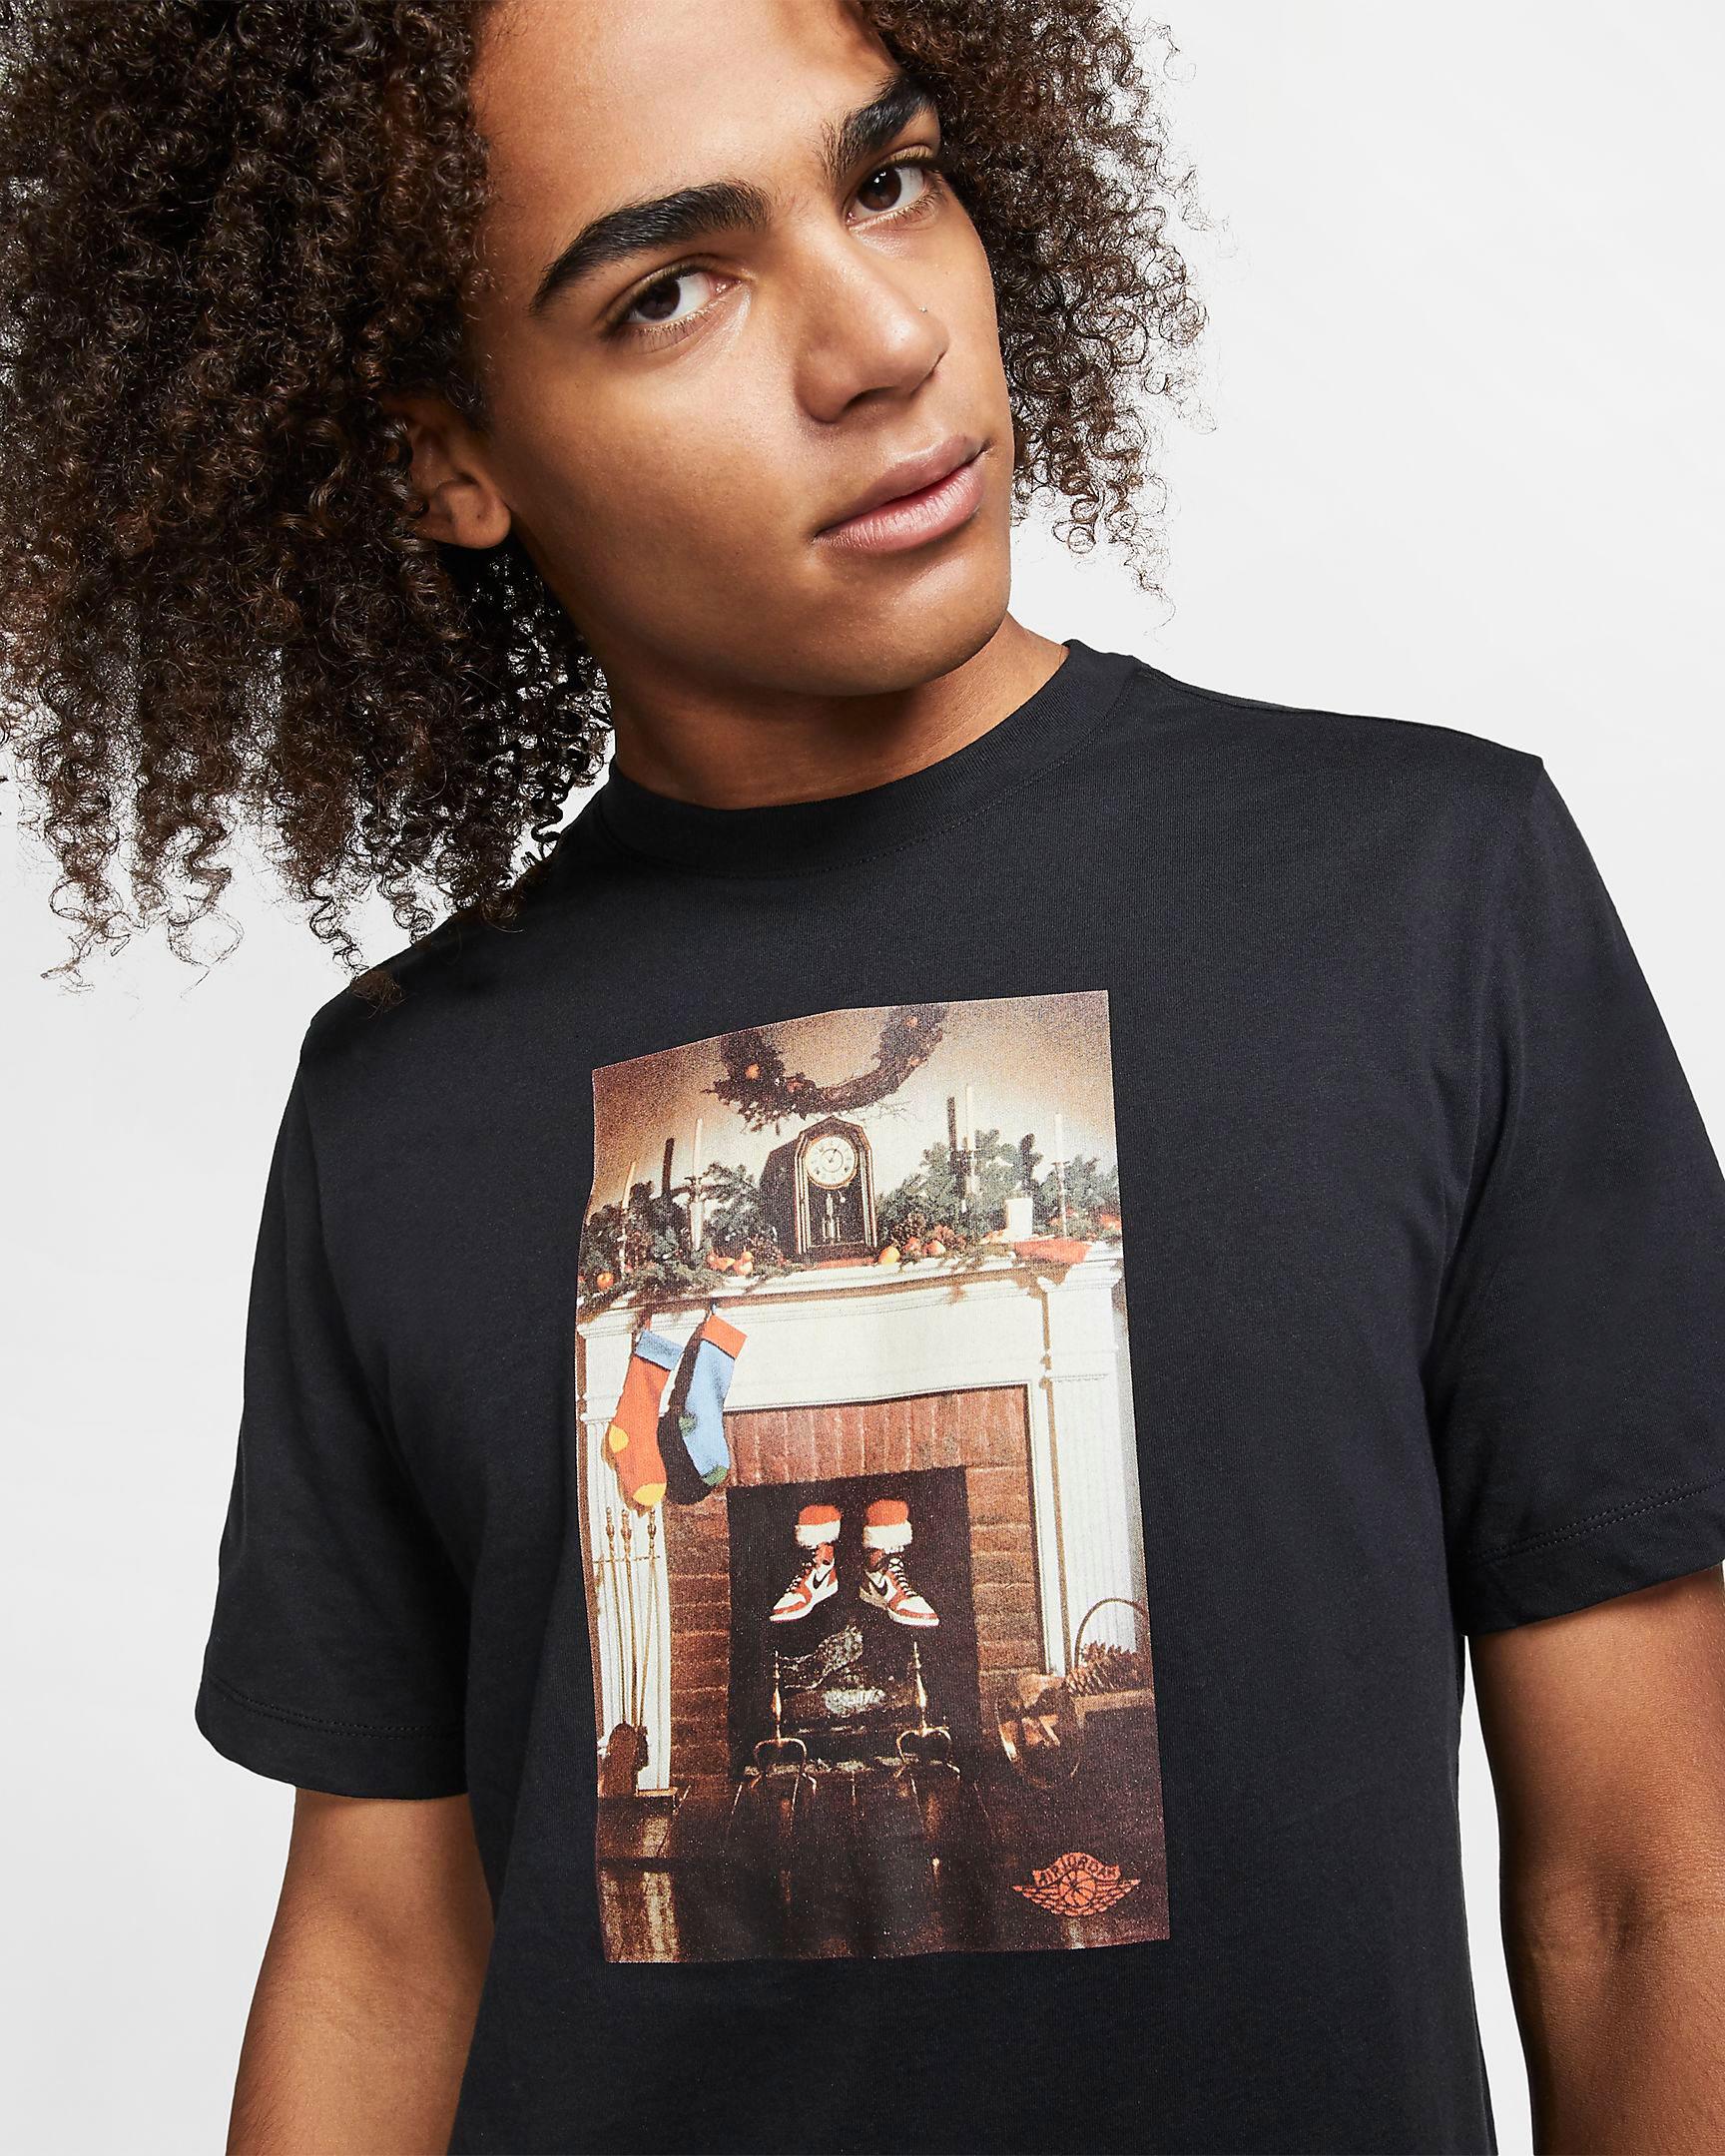 Air Jordan 1 Santa Christmas T Shirt